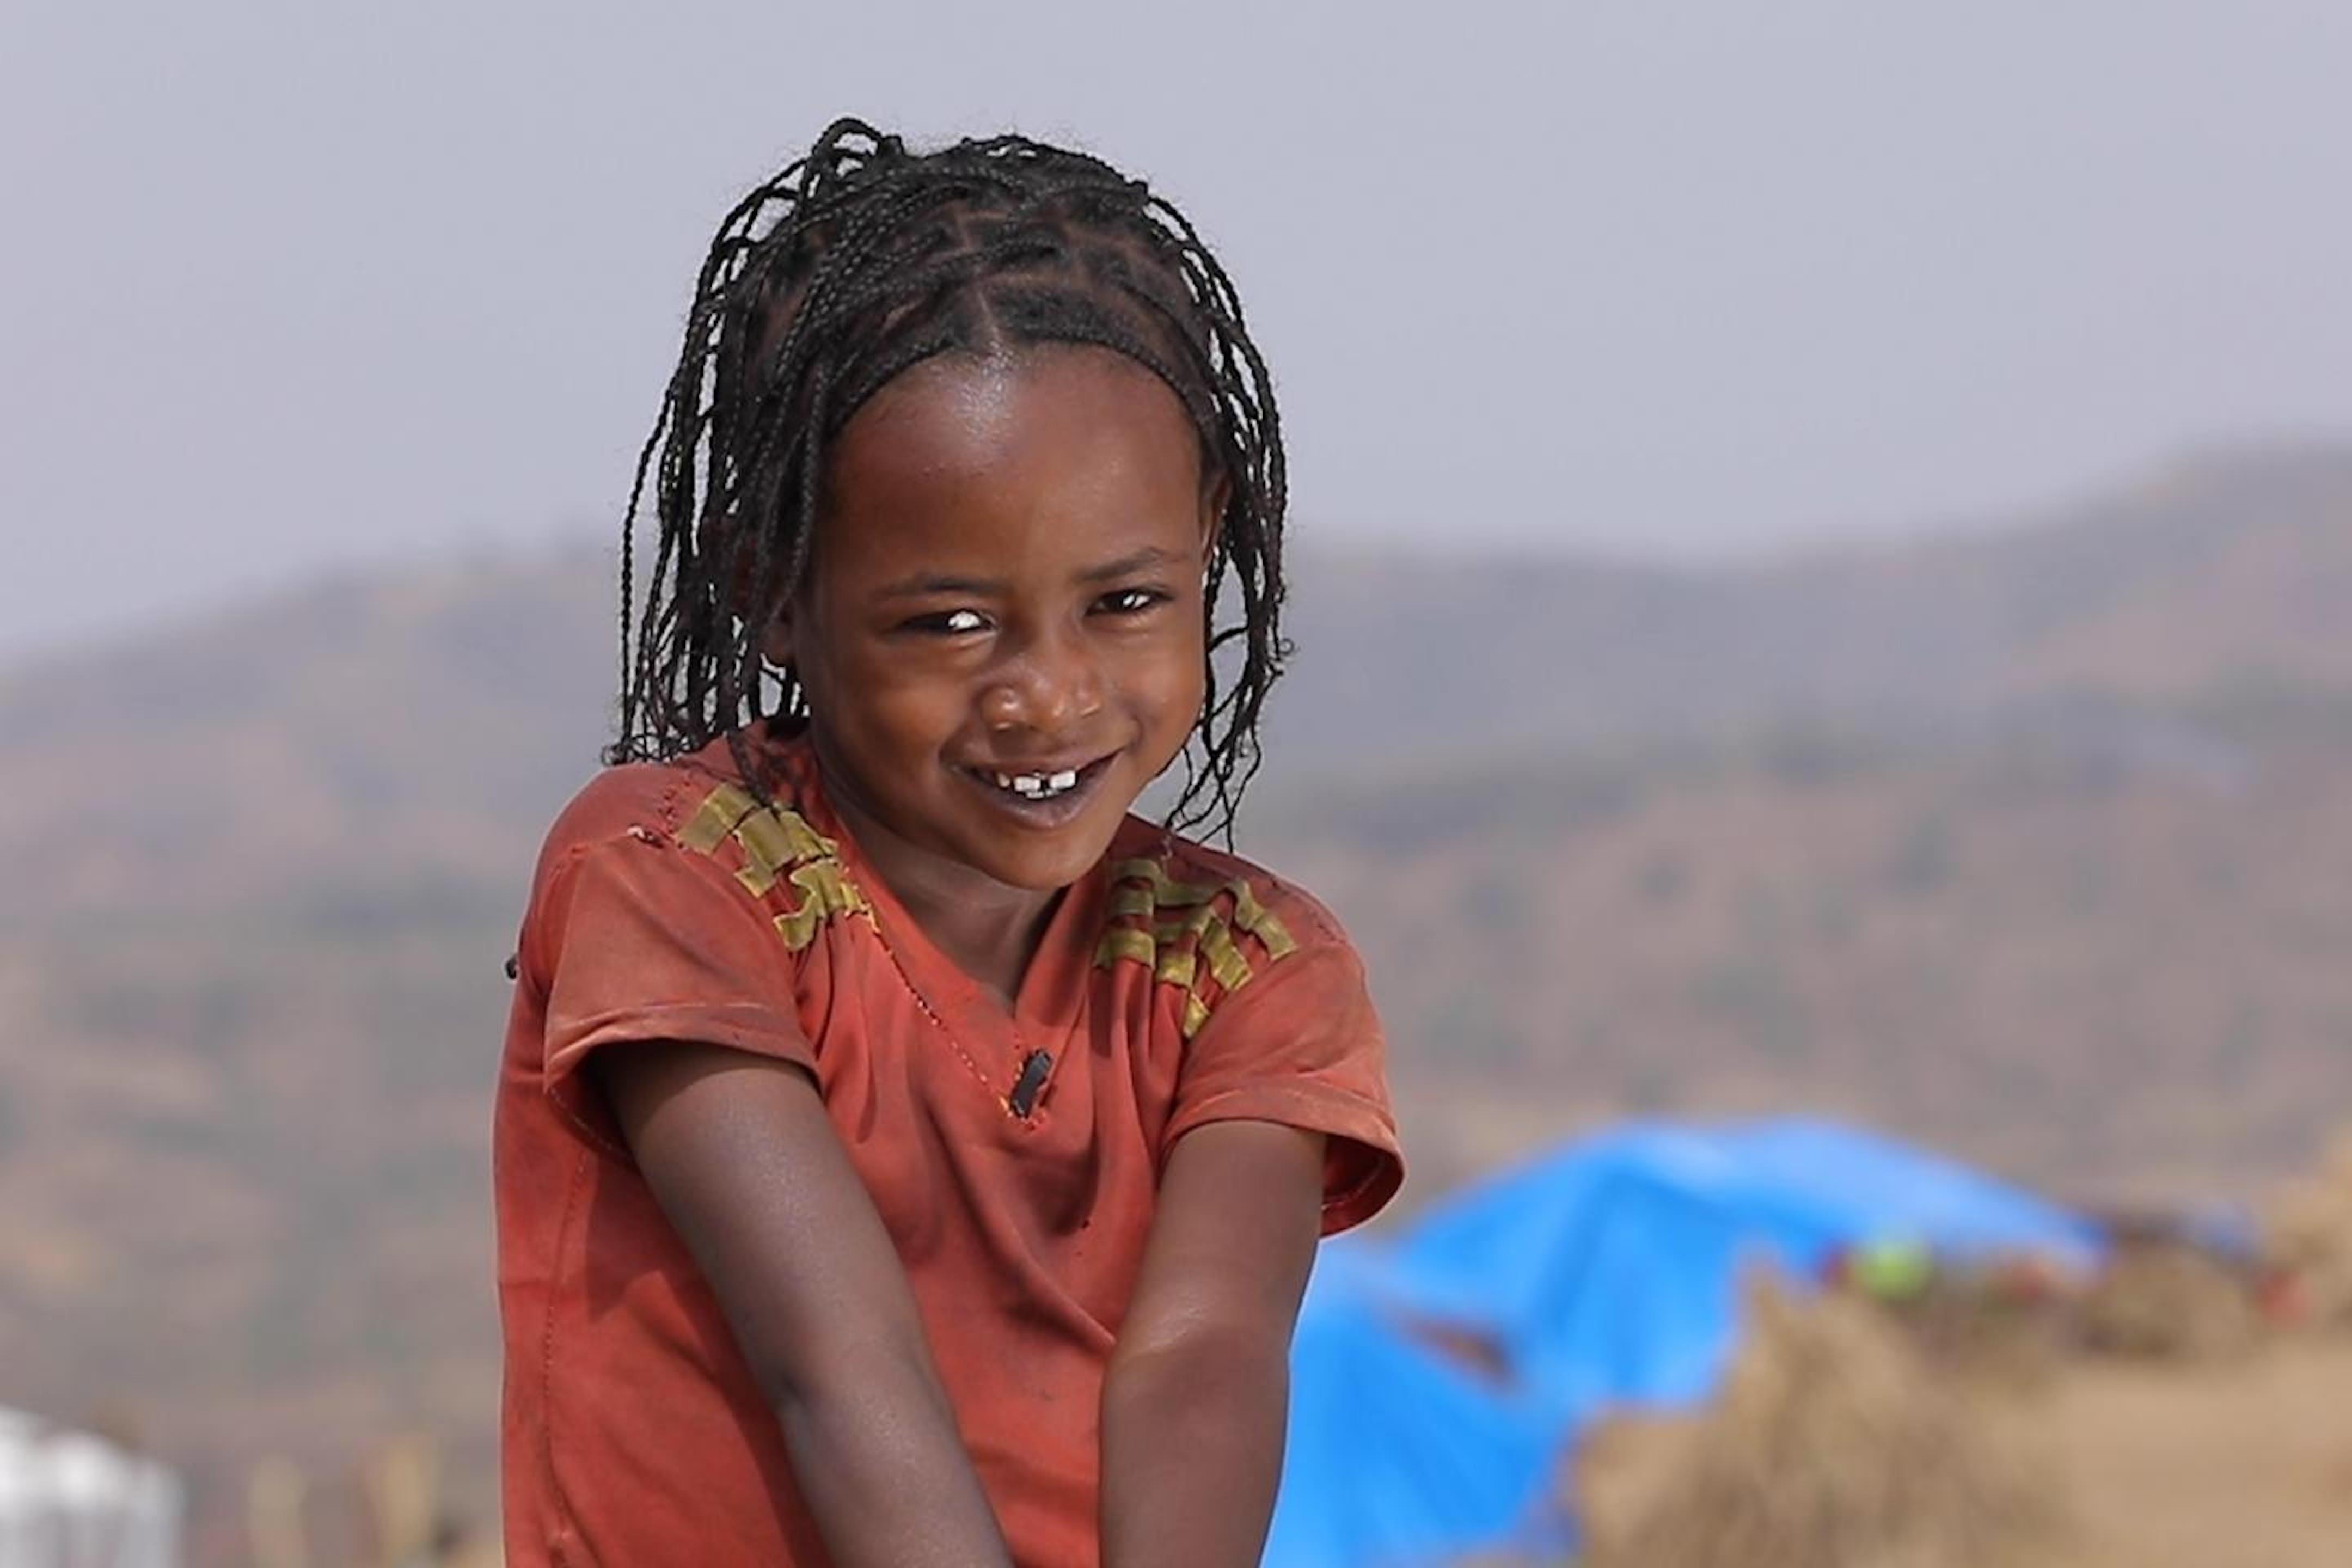 Gabazech, 8 anni, racconta la sua vita nel campo per sfollati. Siamo in Etiopia nella zona di Konso